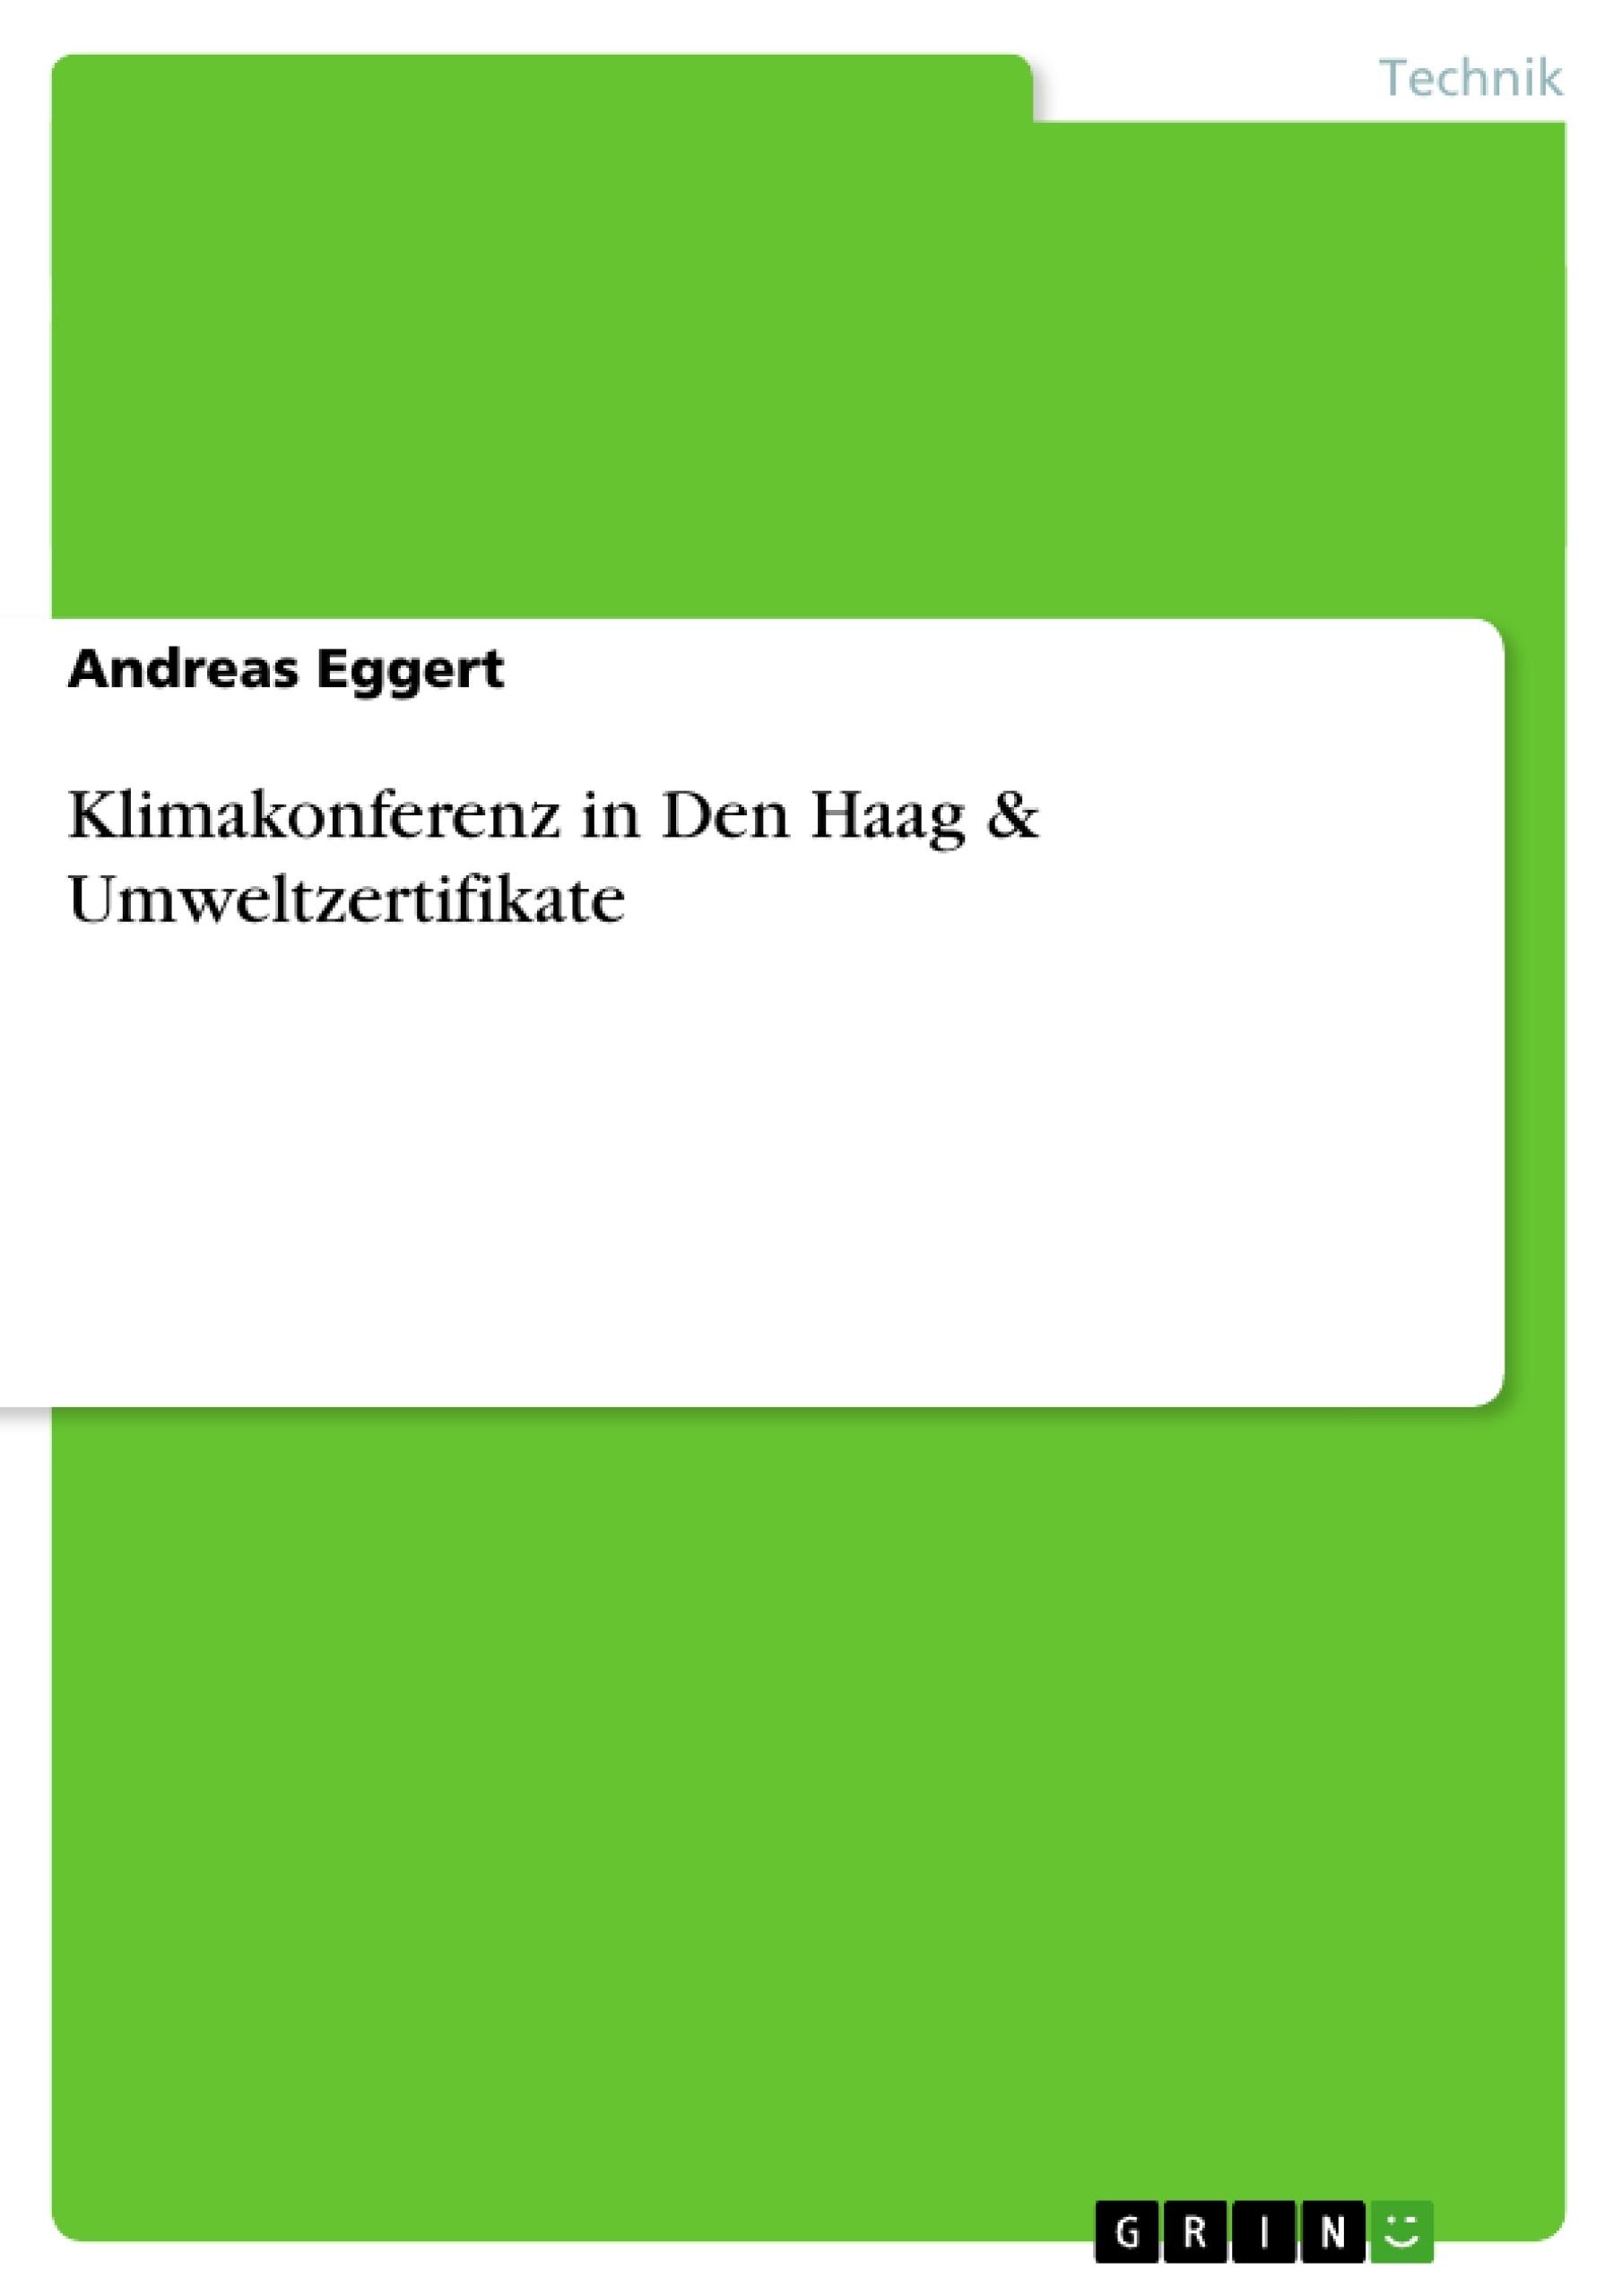 Titel: Klimakonferenz in Den Haag & Umweltzertifikate